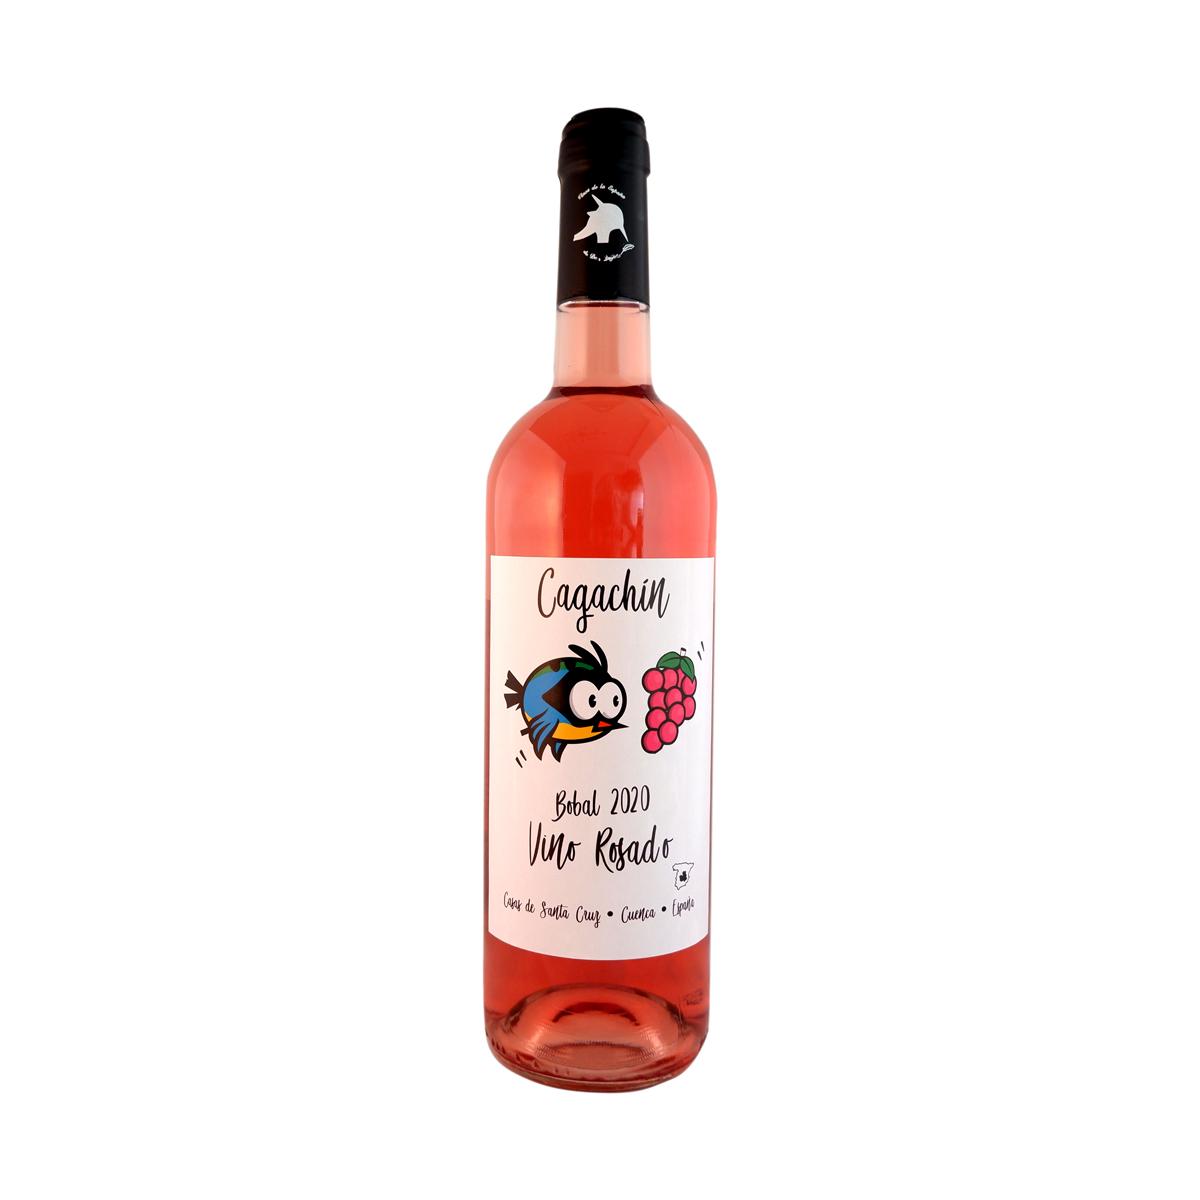 """Vino Rosado 2020 """"Cagachín"""" Tierra de Castilla"""